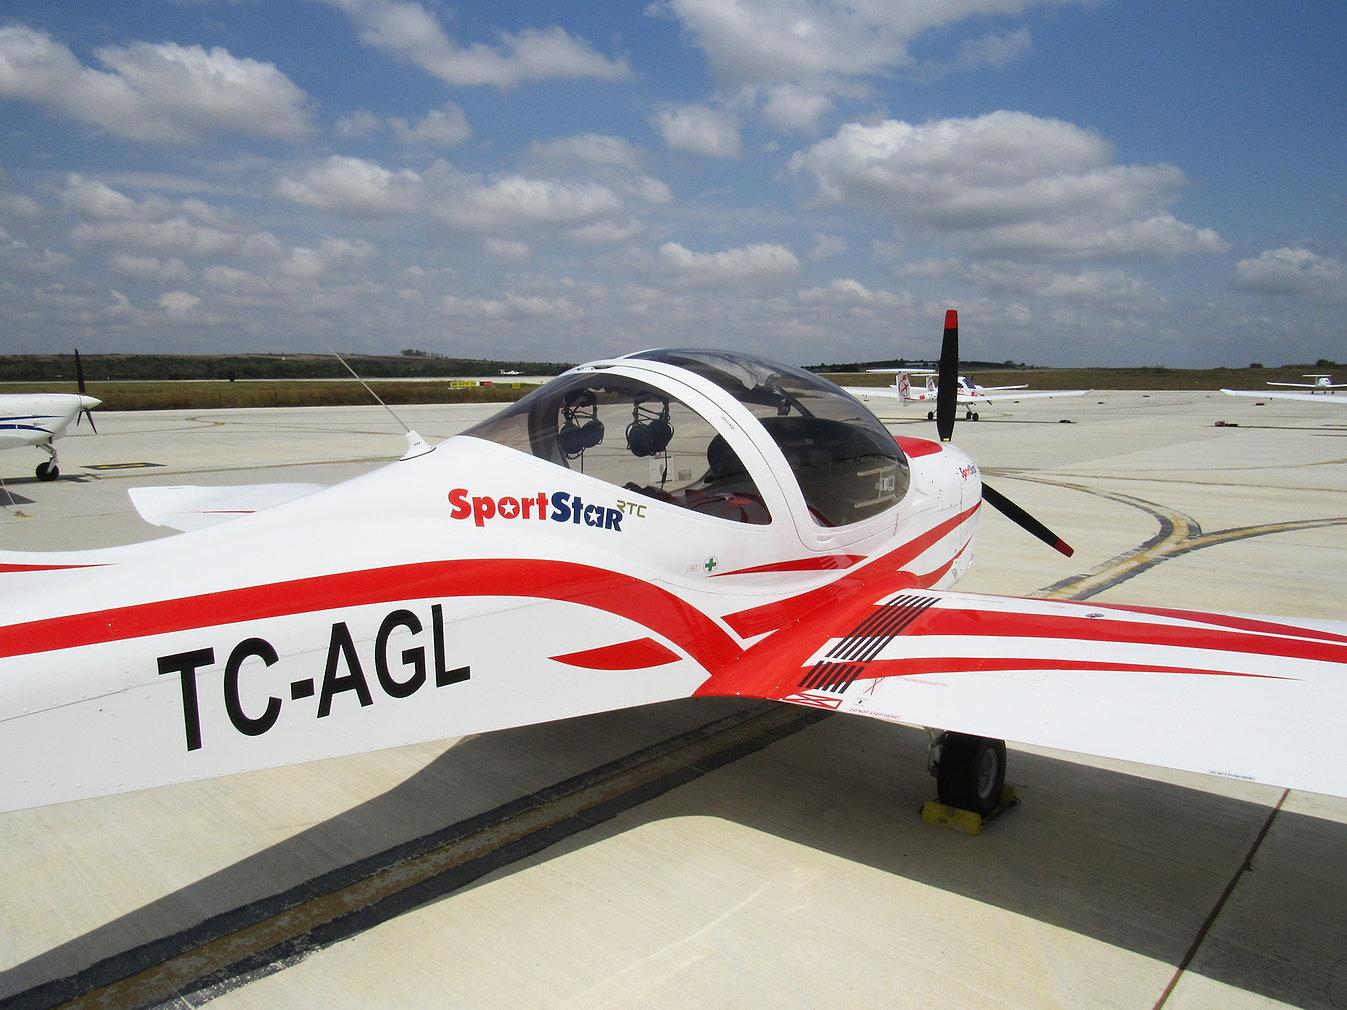 Adana'da 99 Euro'dan Başlayan Fiyatlarla PIC Uçuşu | Hızlı PIC Uçuş Eğitimi | Tanıtım Uçuşu | 3 Yeni Model Uçak | FlyPIC Havacılık | Sorumlu Pilot Uçuşu